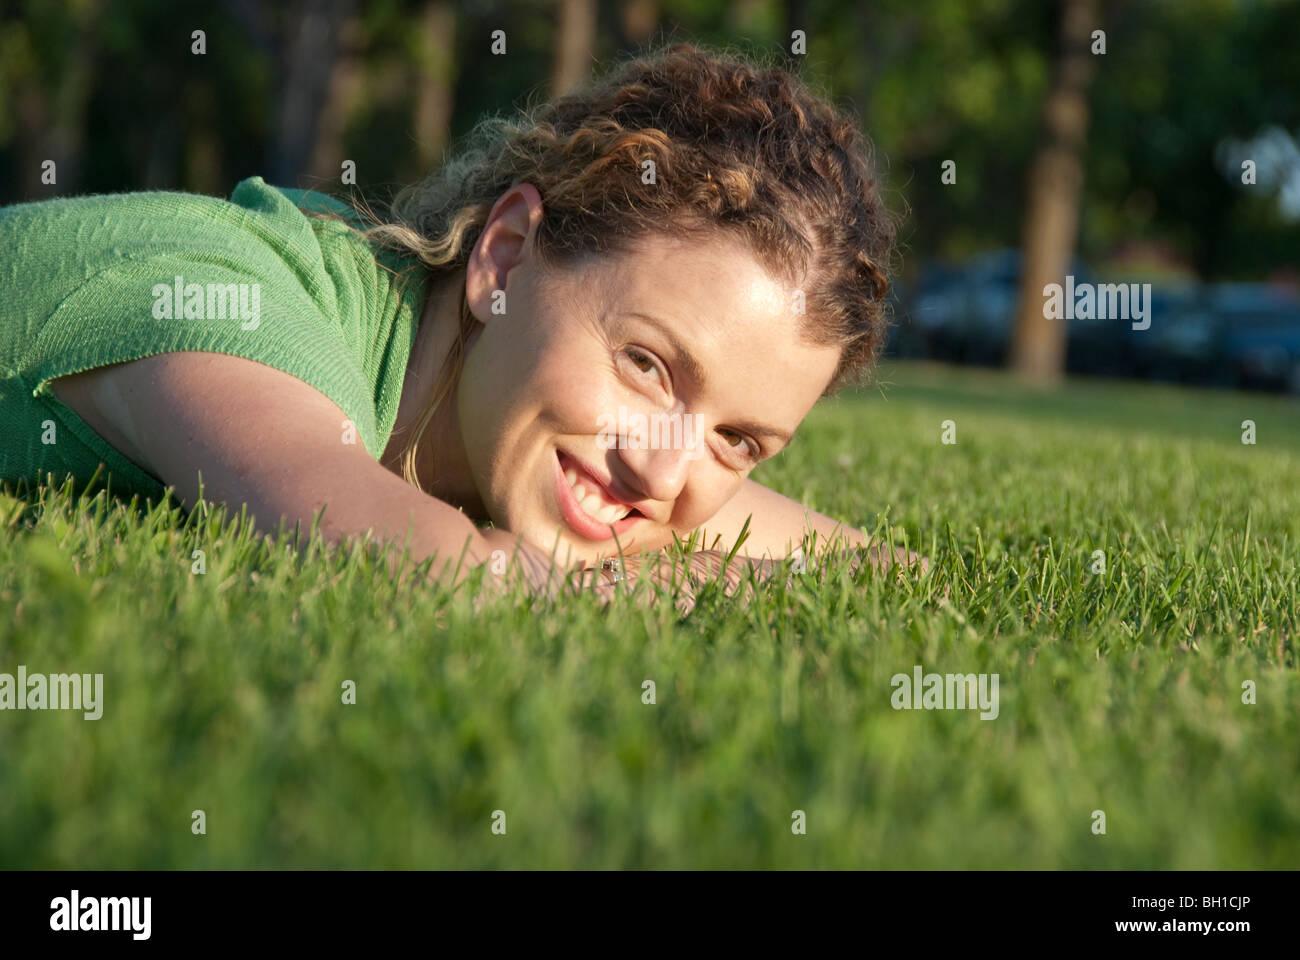 Mujer sonriente en el césped, Assiniboine Park, Winnipeg, Manitoba, Canadá Imagen De Stock